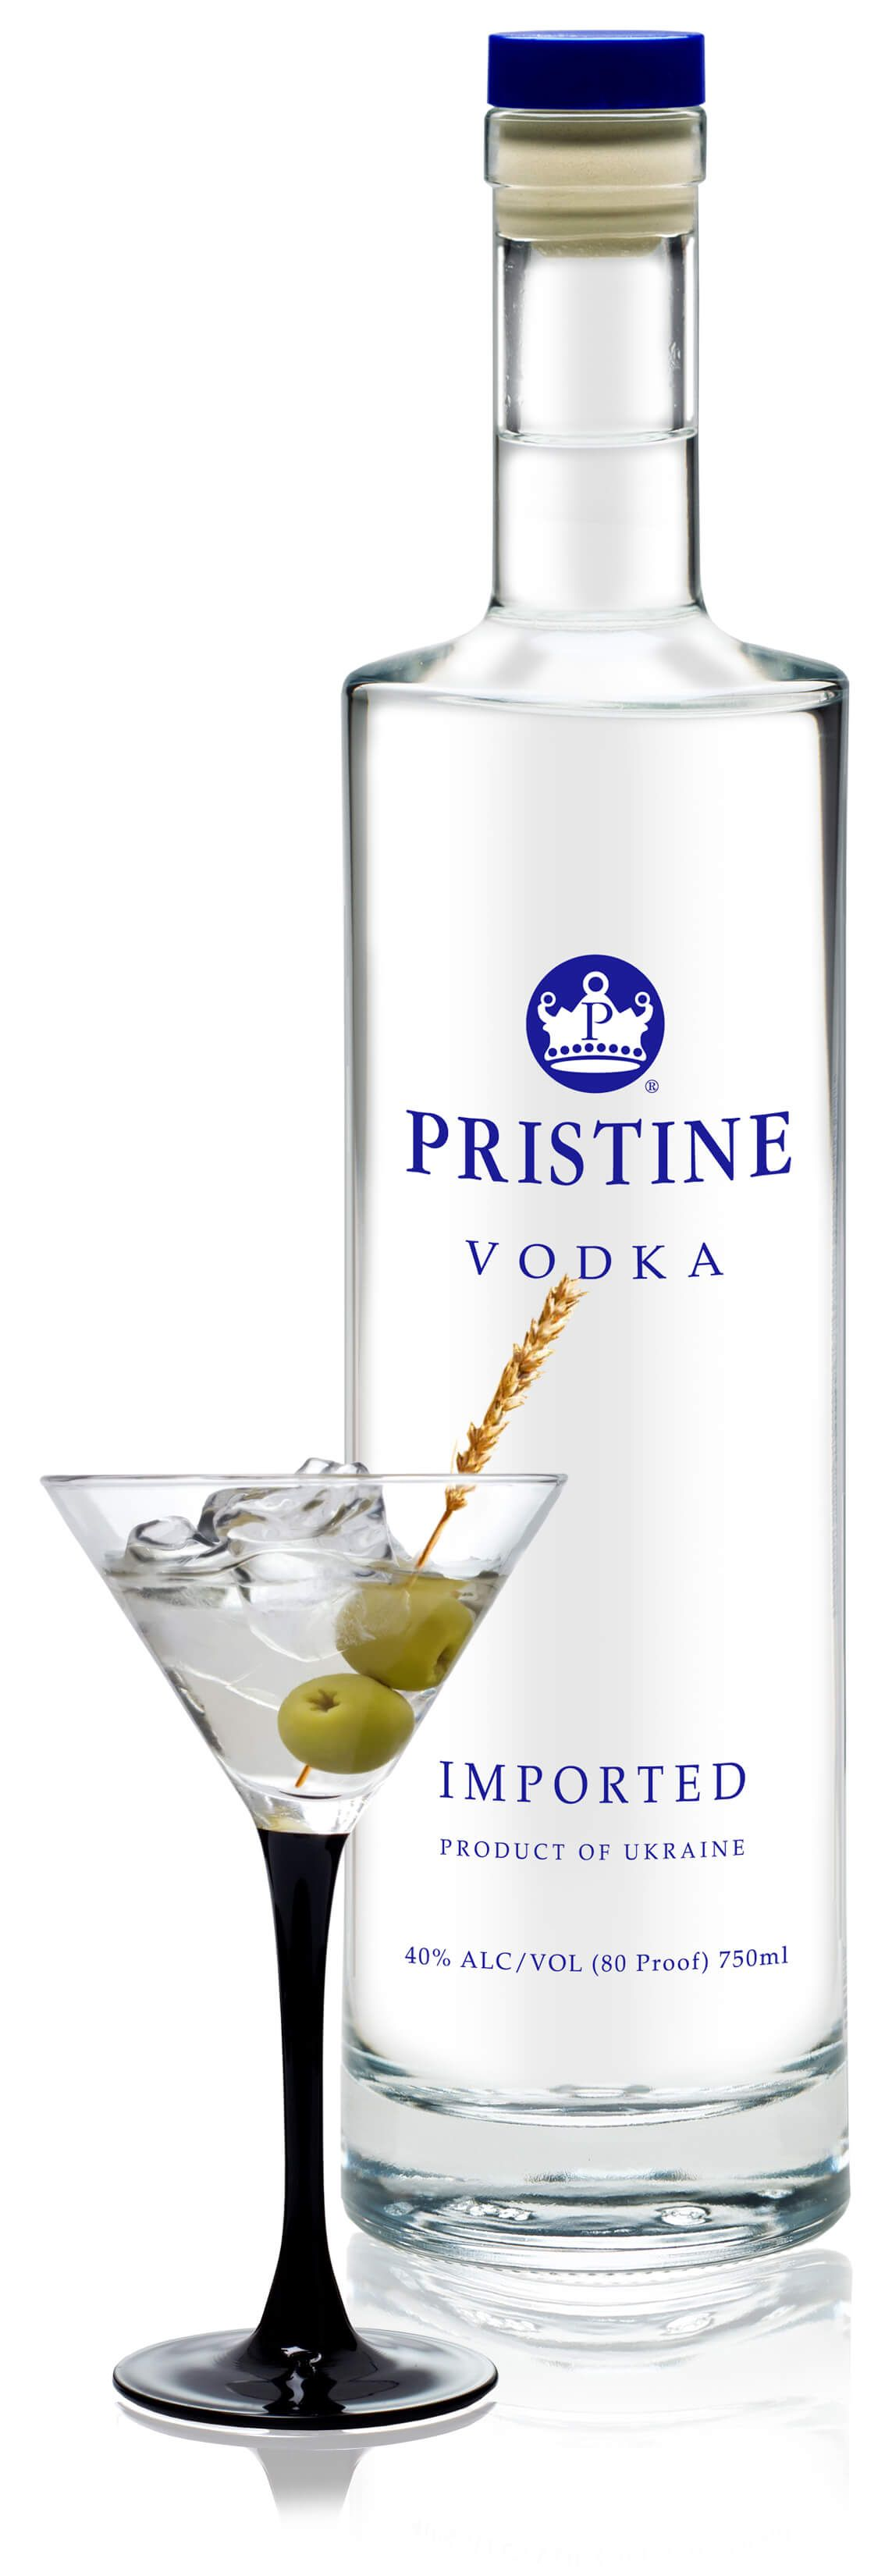 pristine premium quality vodka